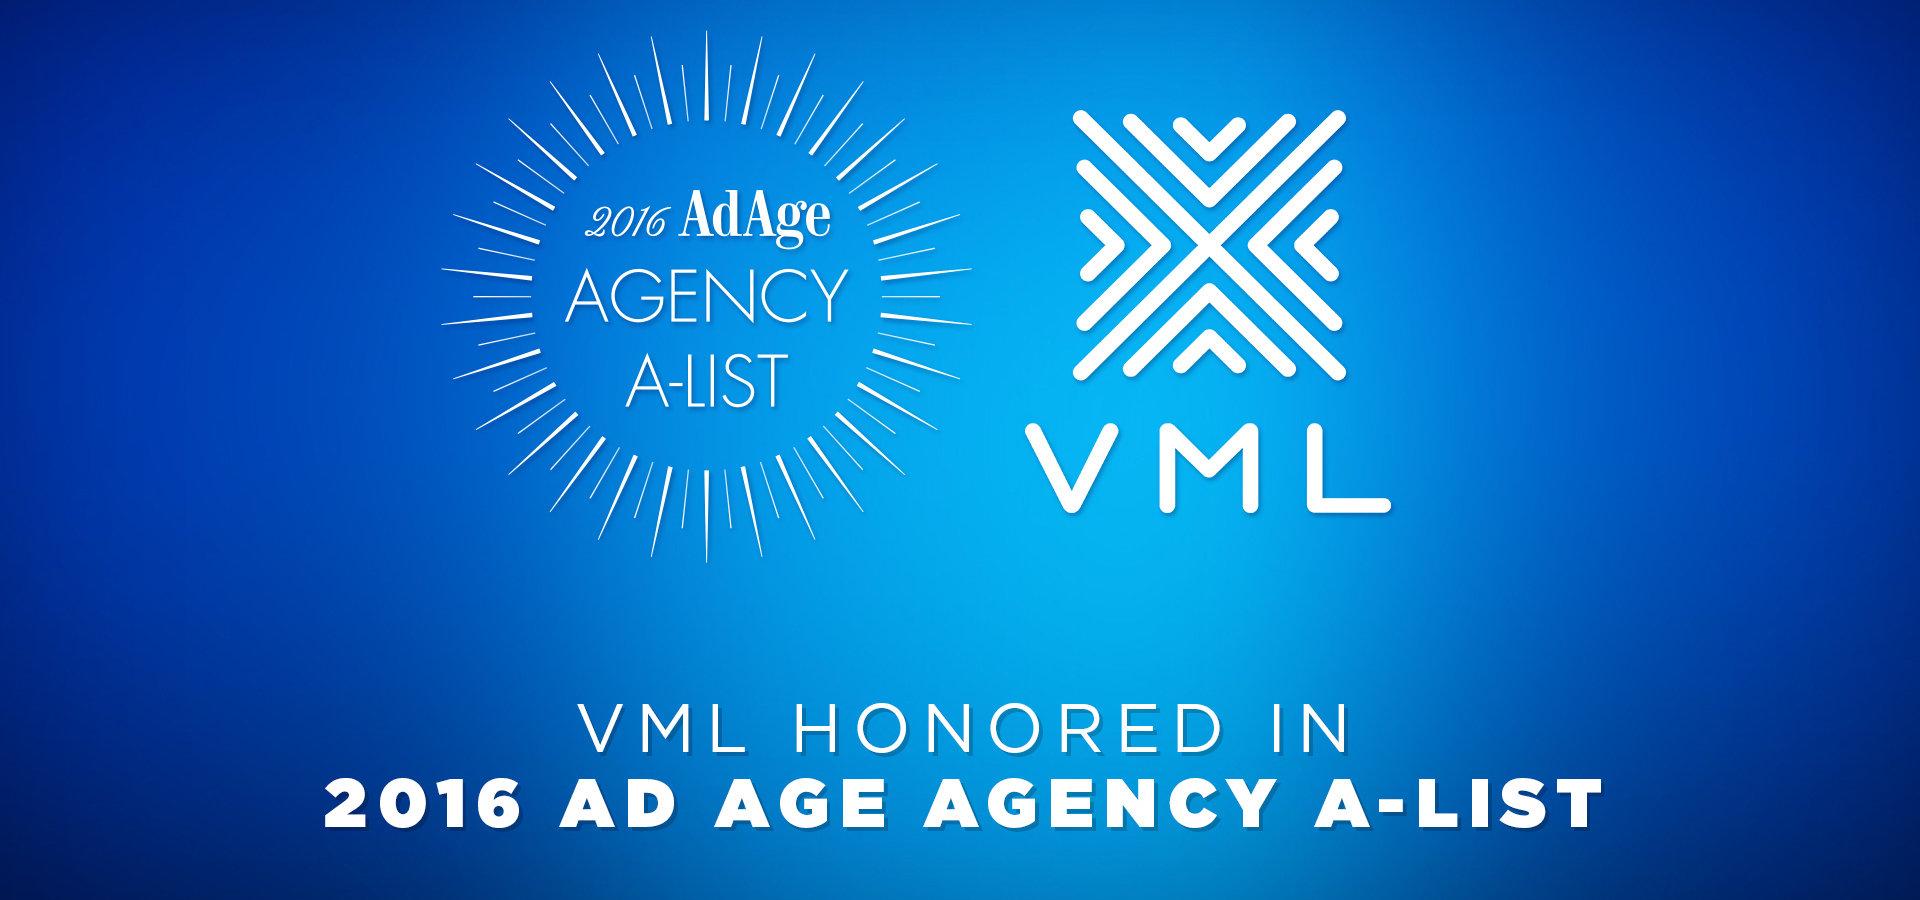 """VML wśród 10 najlepszych agencji reklamowych świata według """"Advertising Age"""" 2016 Agency A-List"""